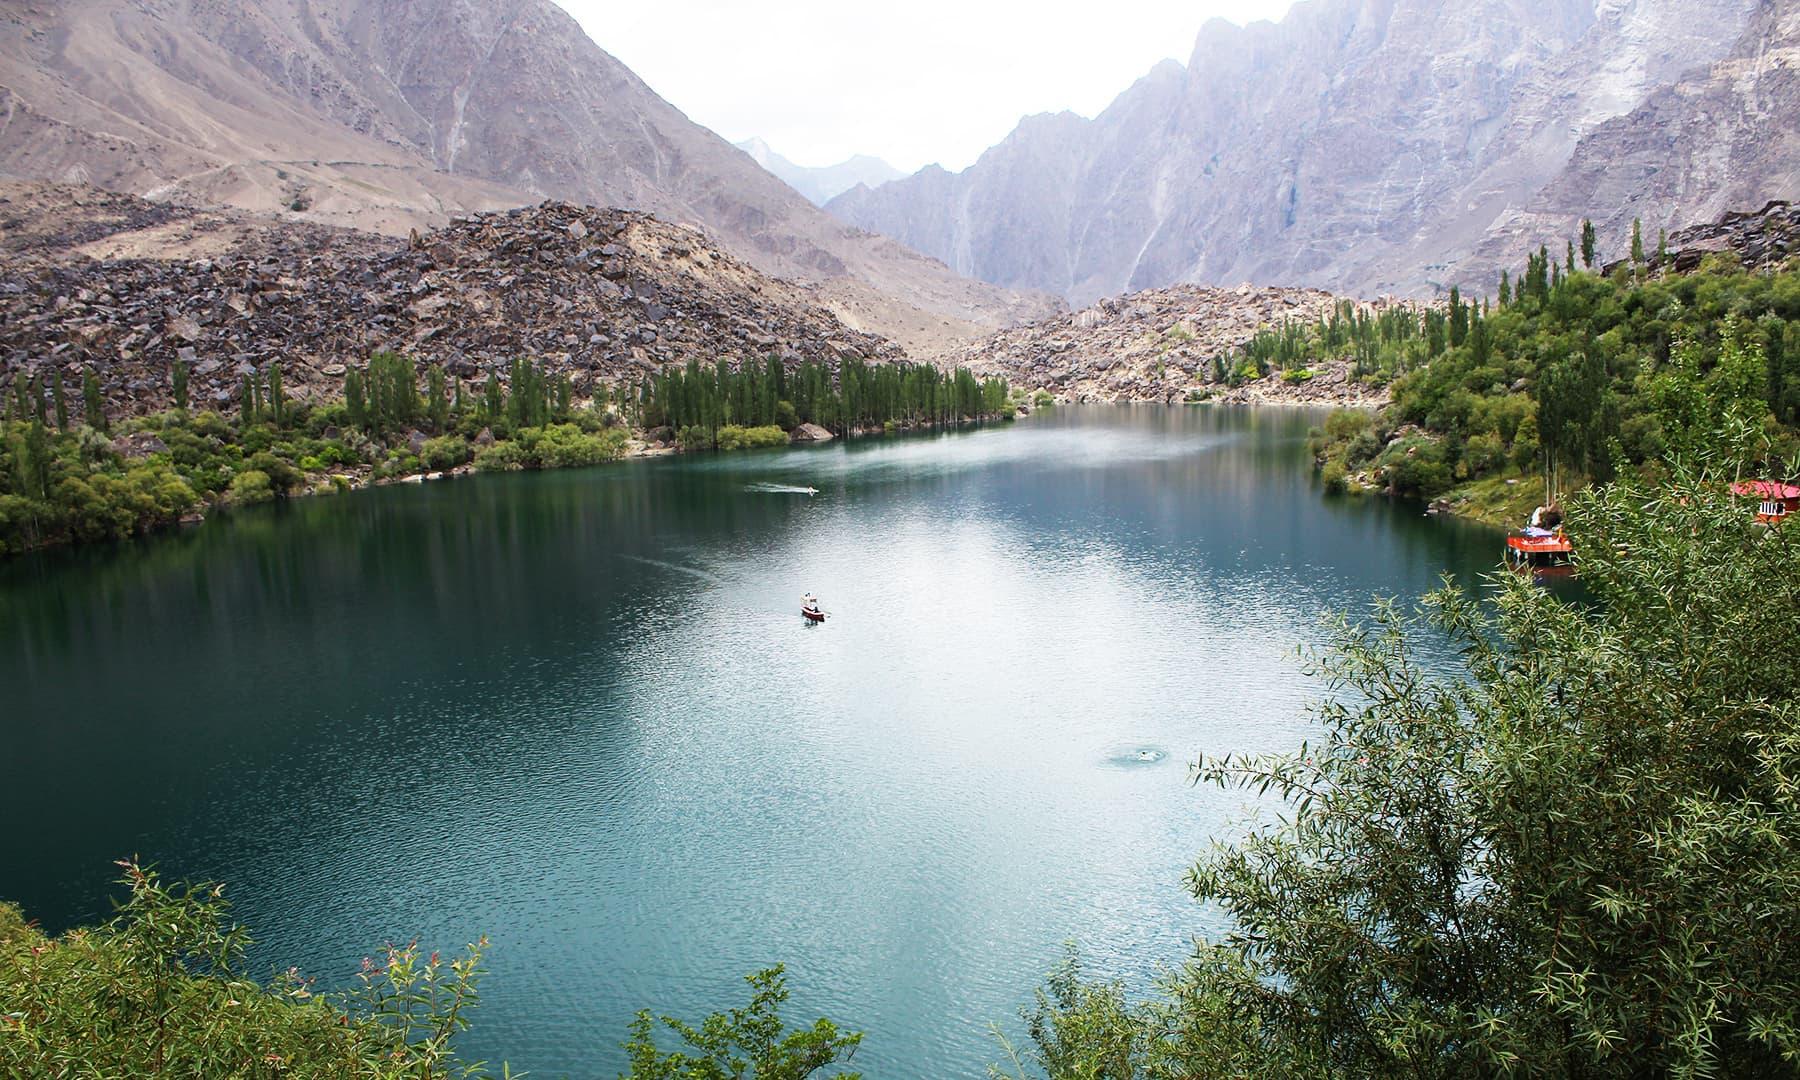 اپر کچورہ جھیل میں سیاحوں کے لیے بوٹنگ کا بہترین انتظام موجود ہے—تصویر عظمت اکبر